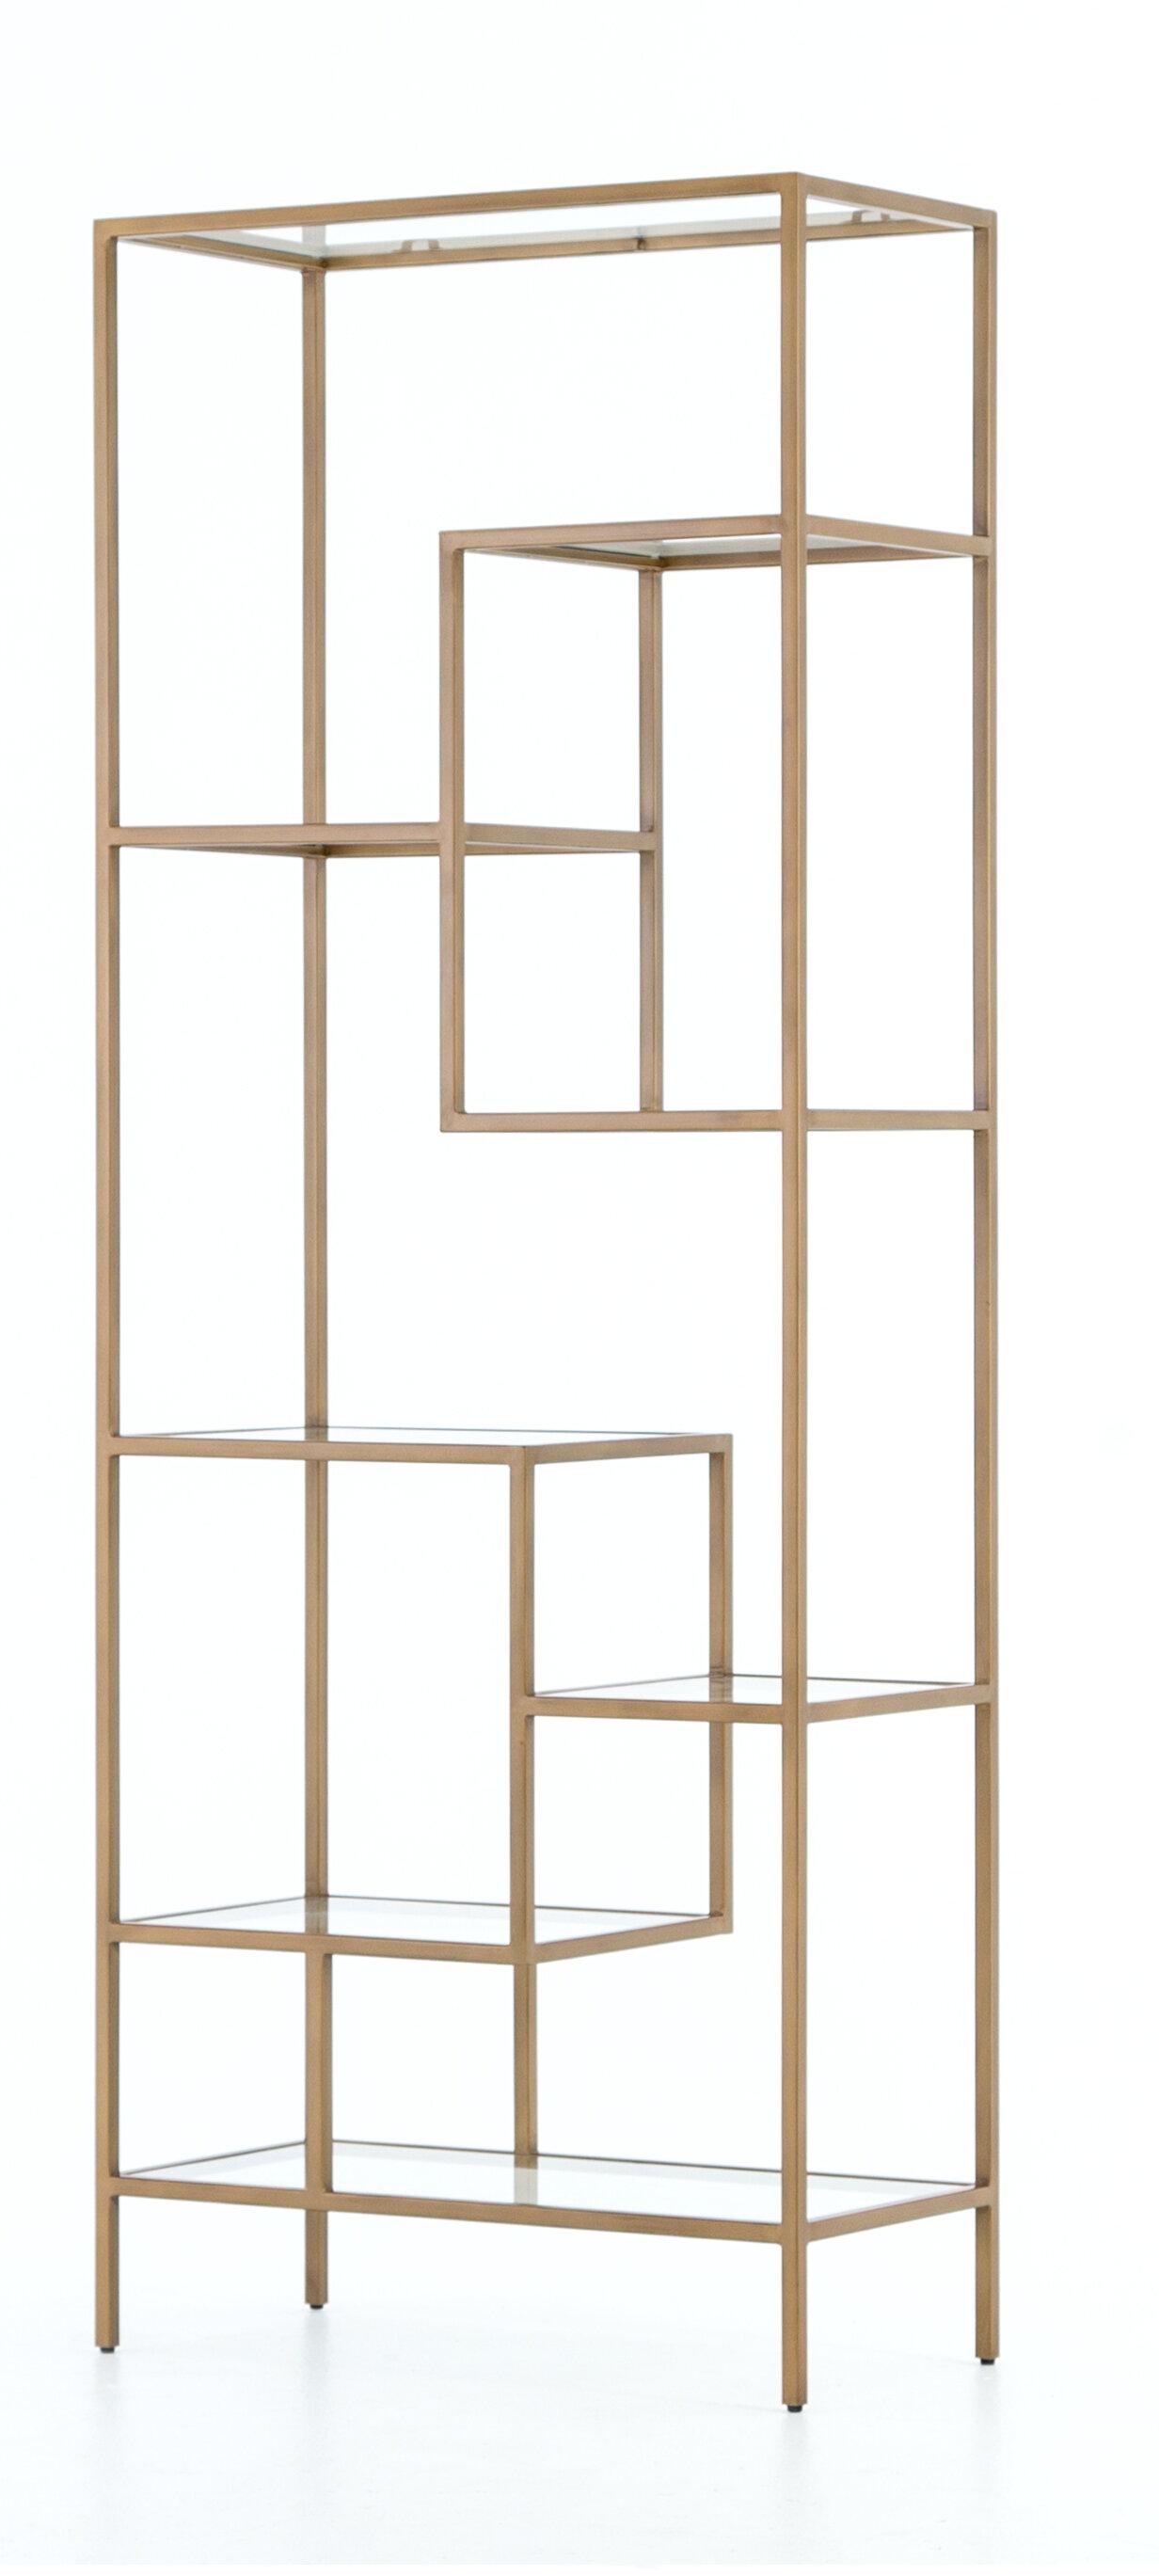 Mercer41 Bremen Geometric Bookcase Wayfair